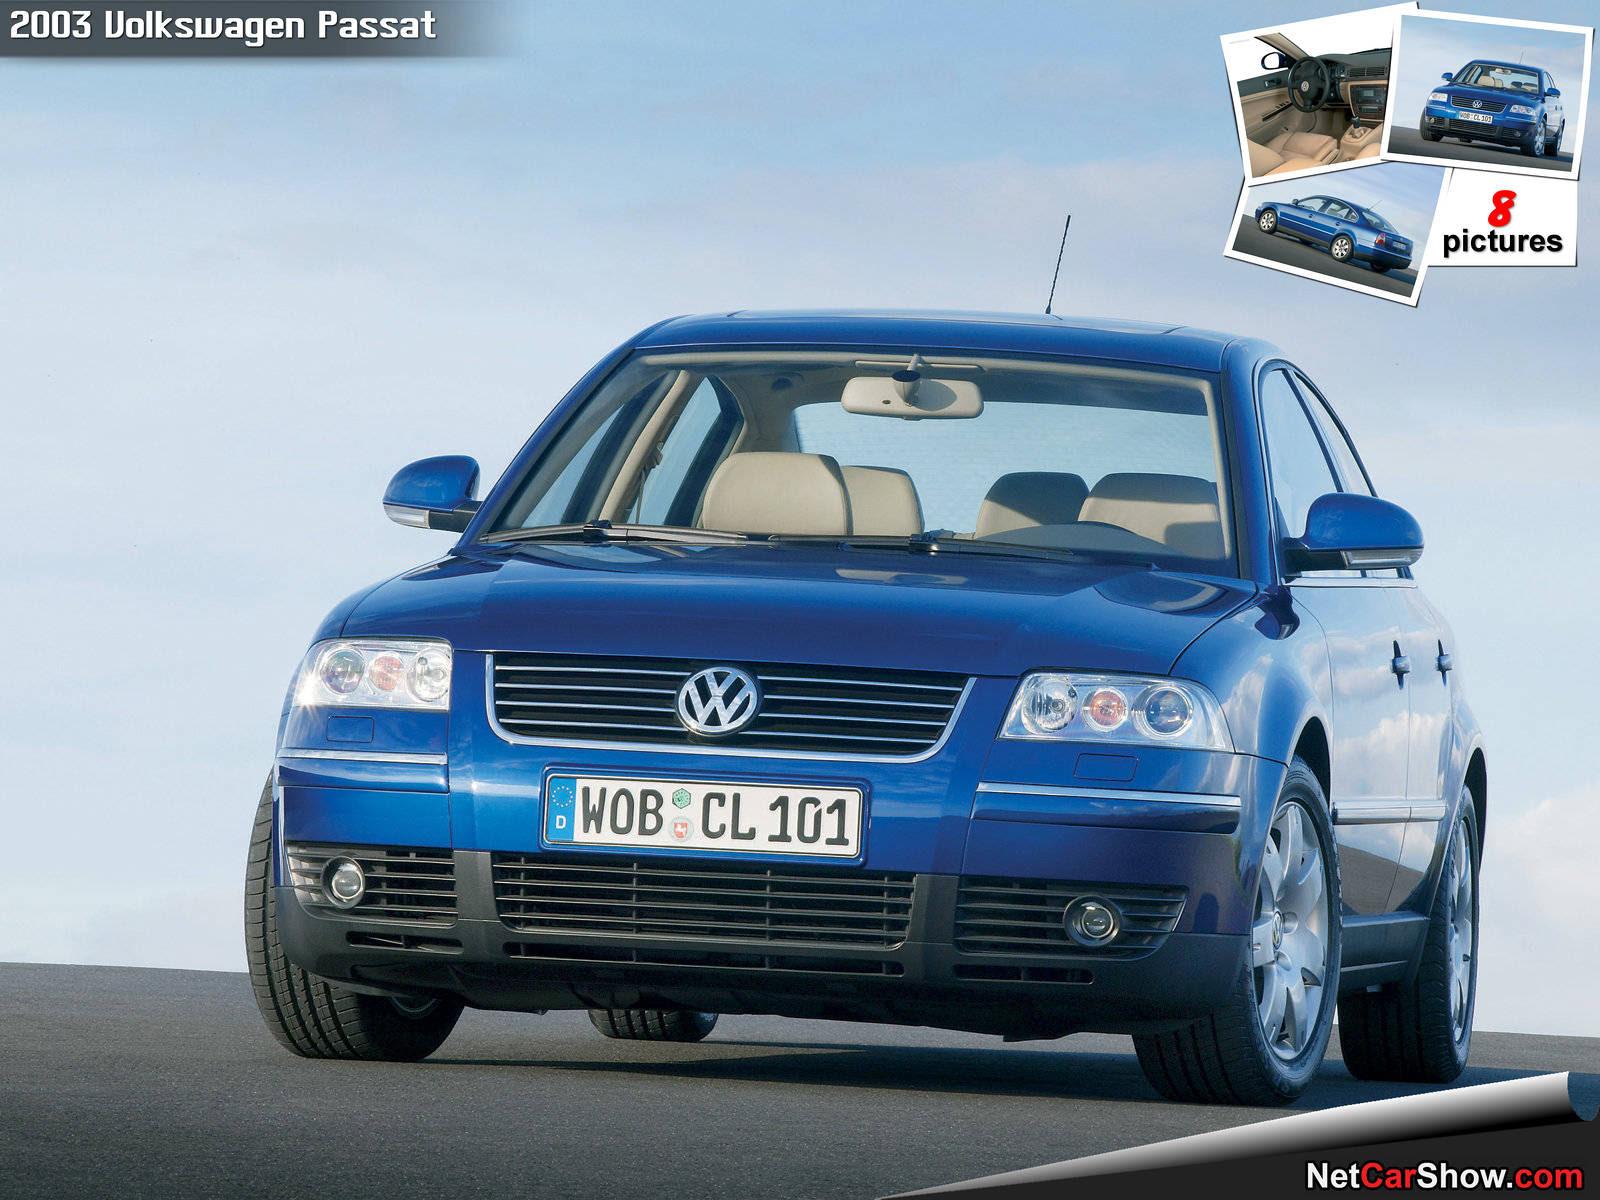 Volkswagen Passat (2003)